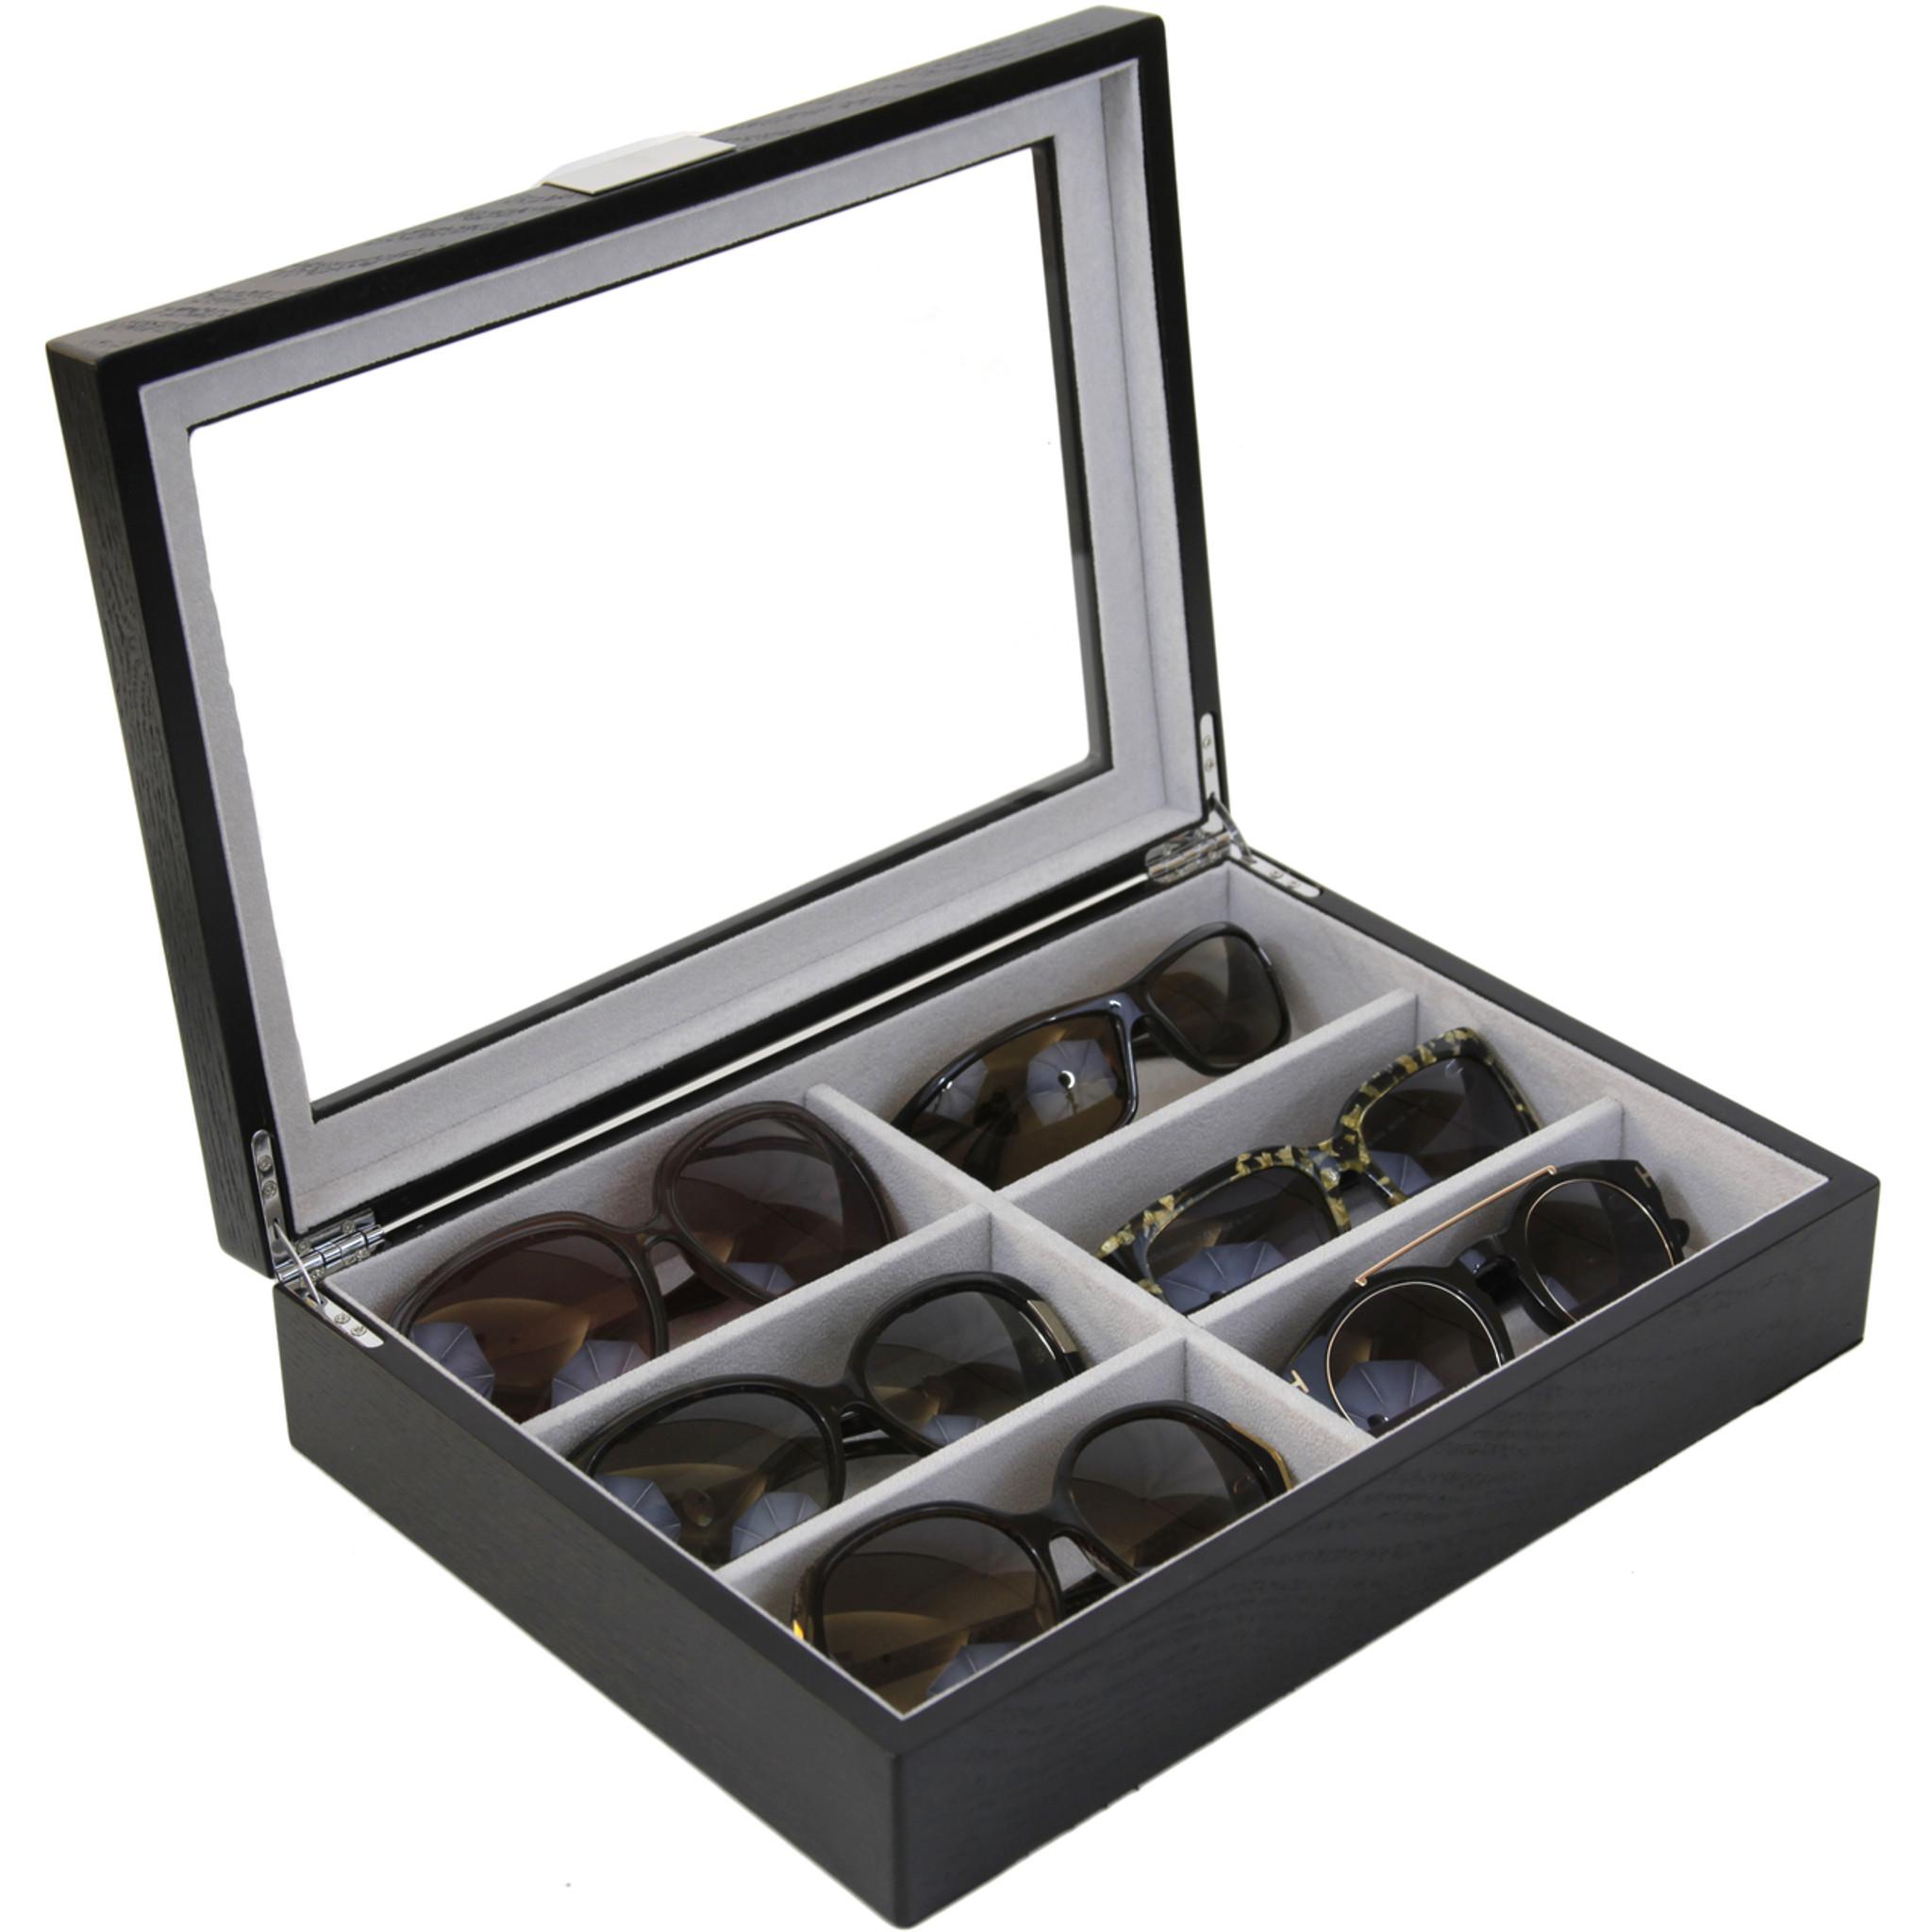 Sunglass Display Case | Wooden Eyeglass Box | Sunglass Storage | TechSwiss  TSSG500ESSBK | Main